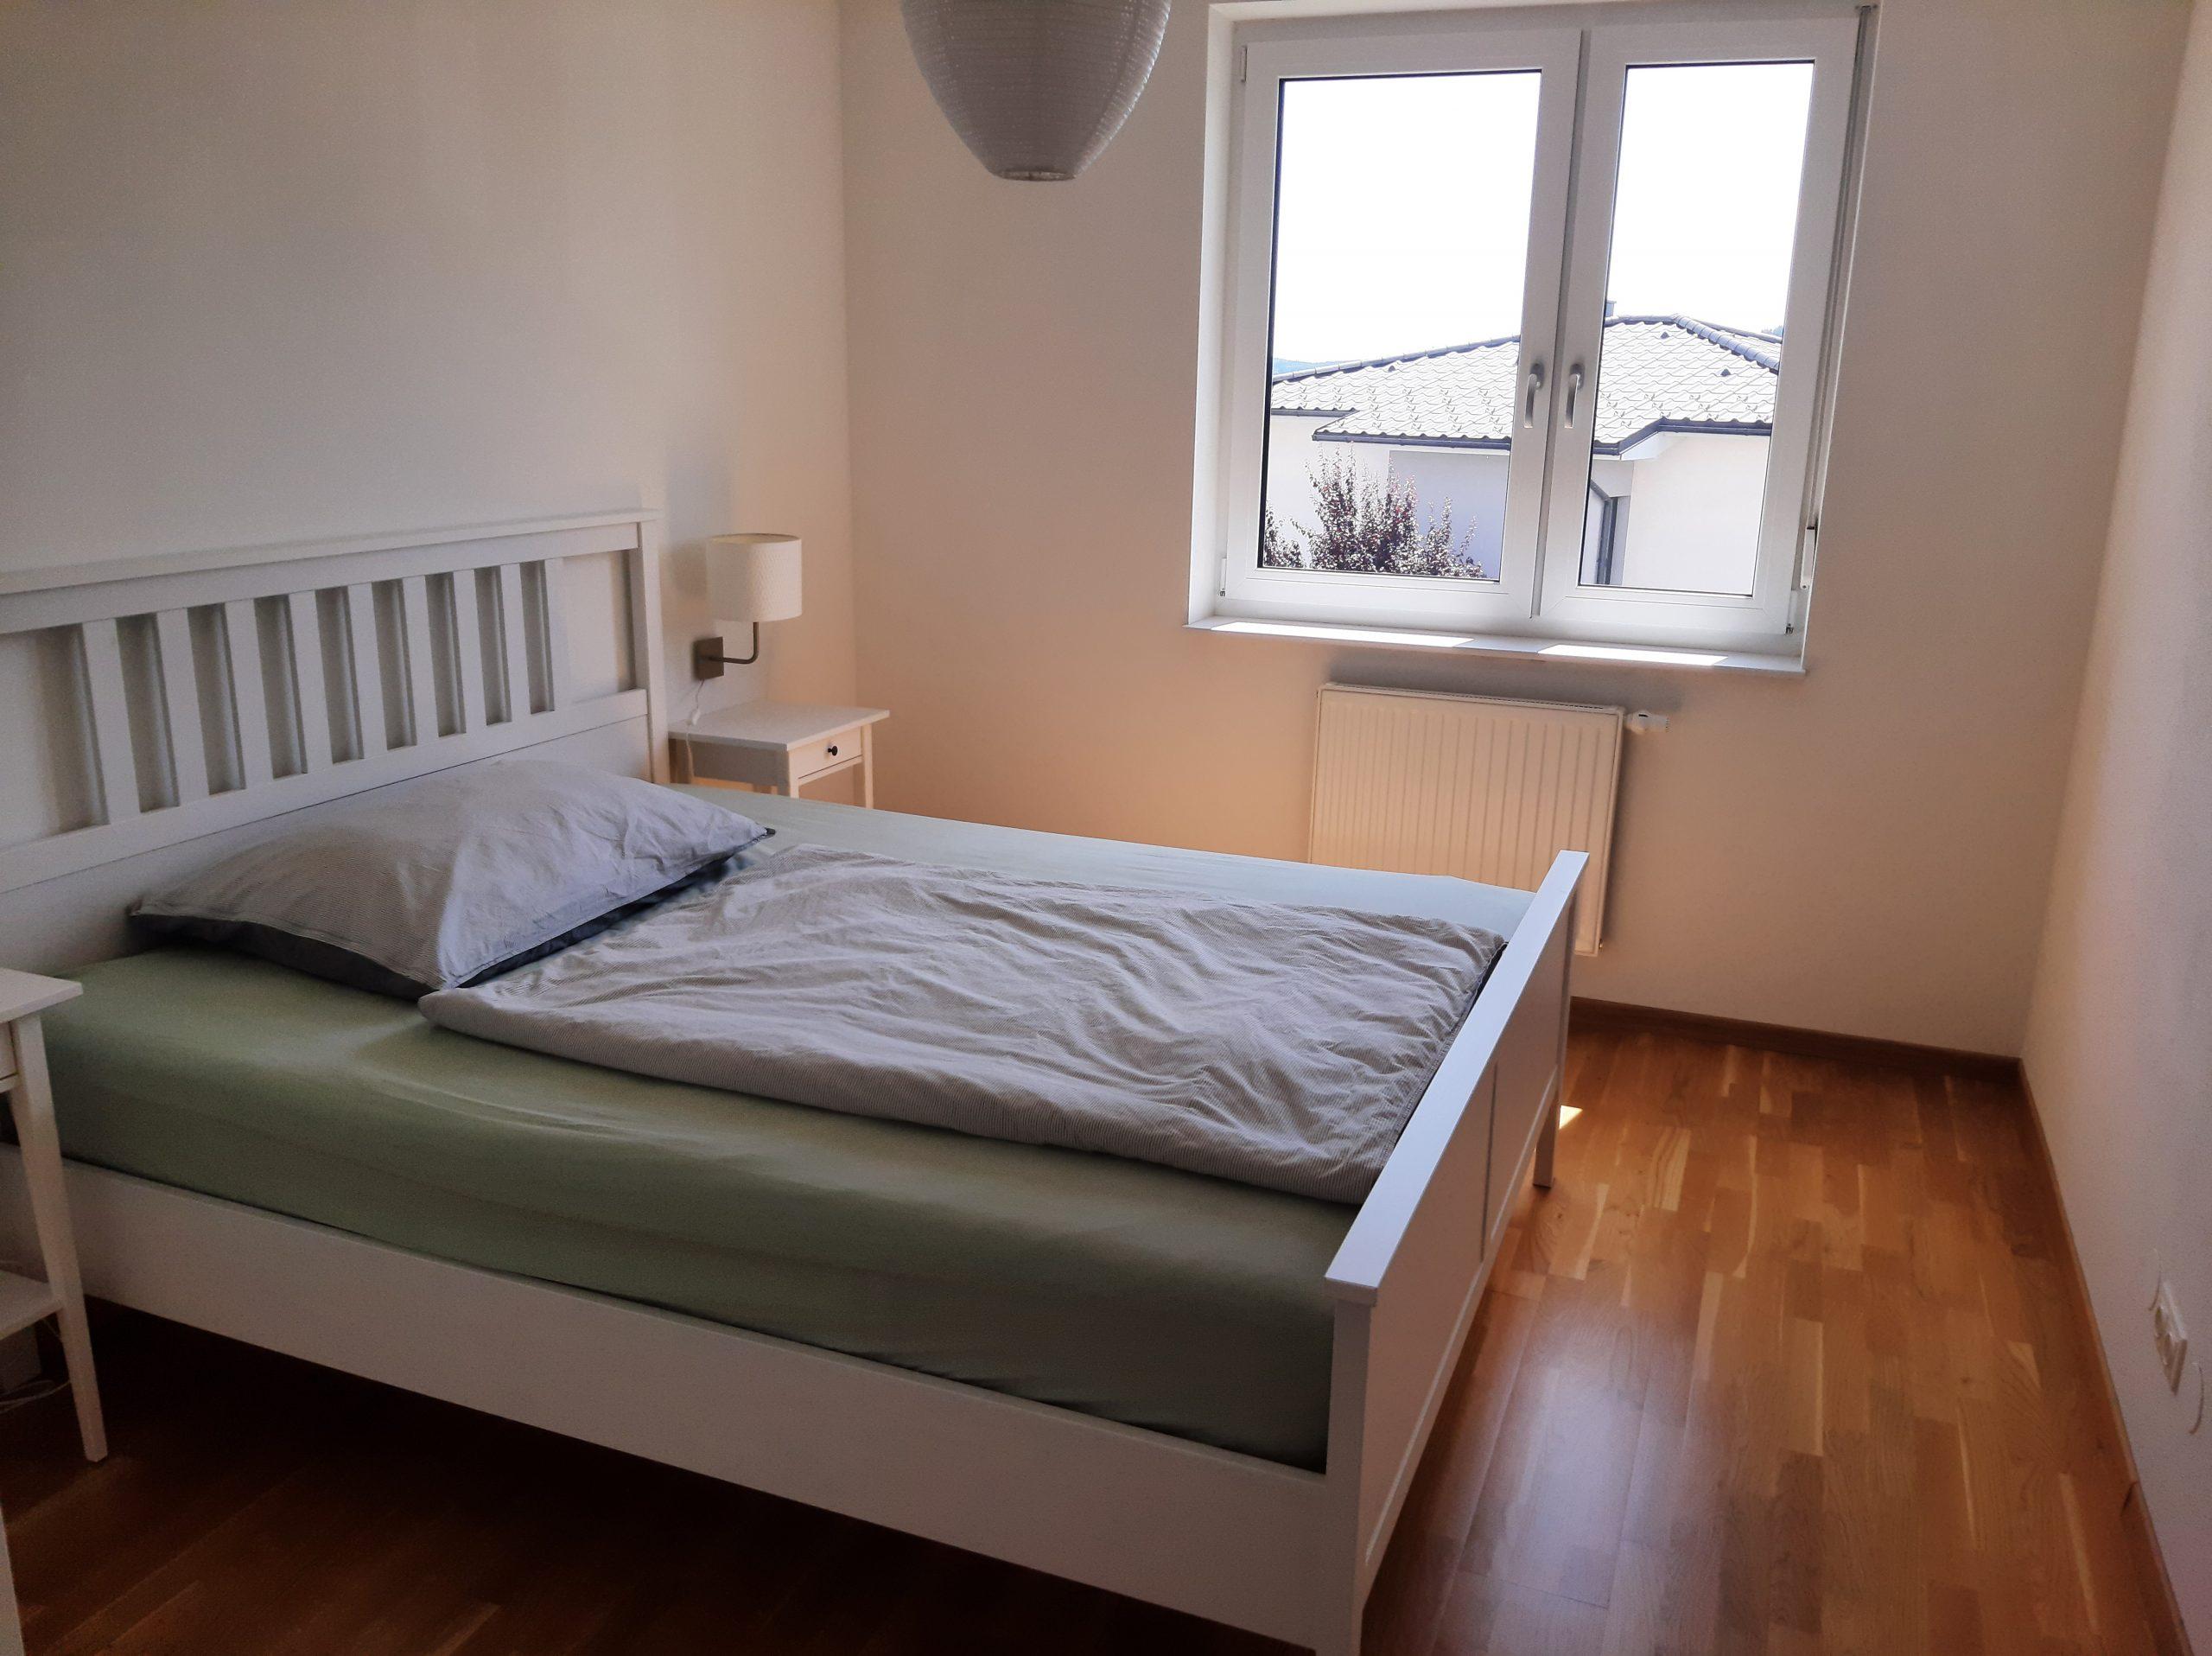 Immobilie von Kamptal in 3910 Zwettl-Niederösterreich, Zwettl, Zwettl XIV/3 - Top 105 #3